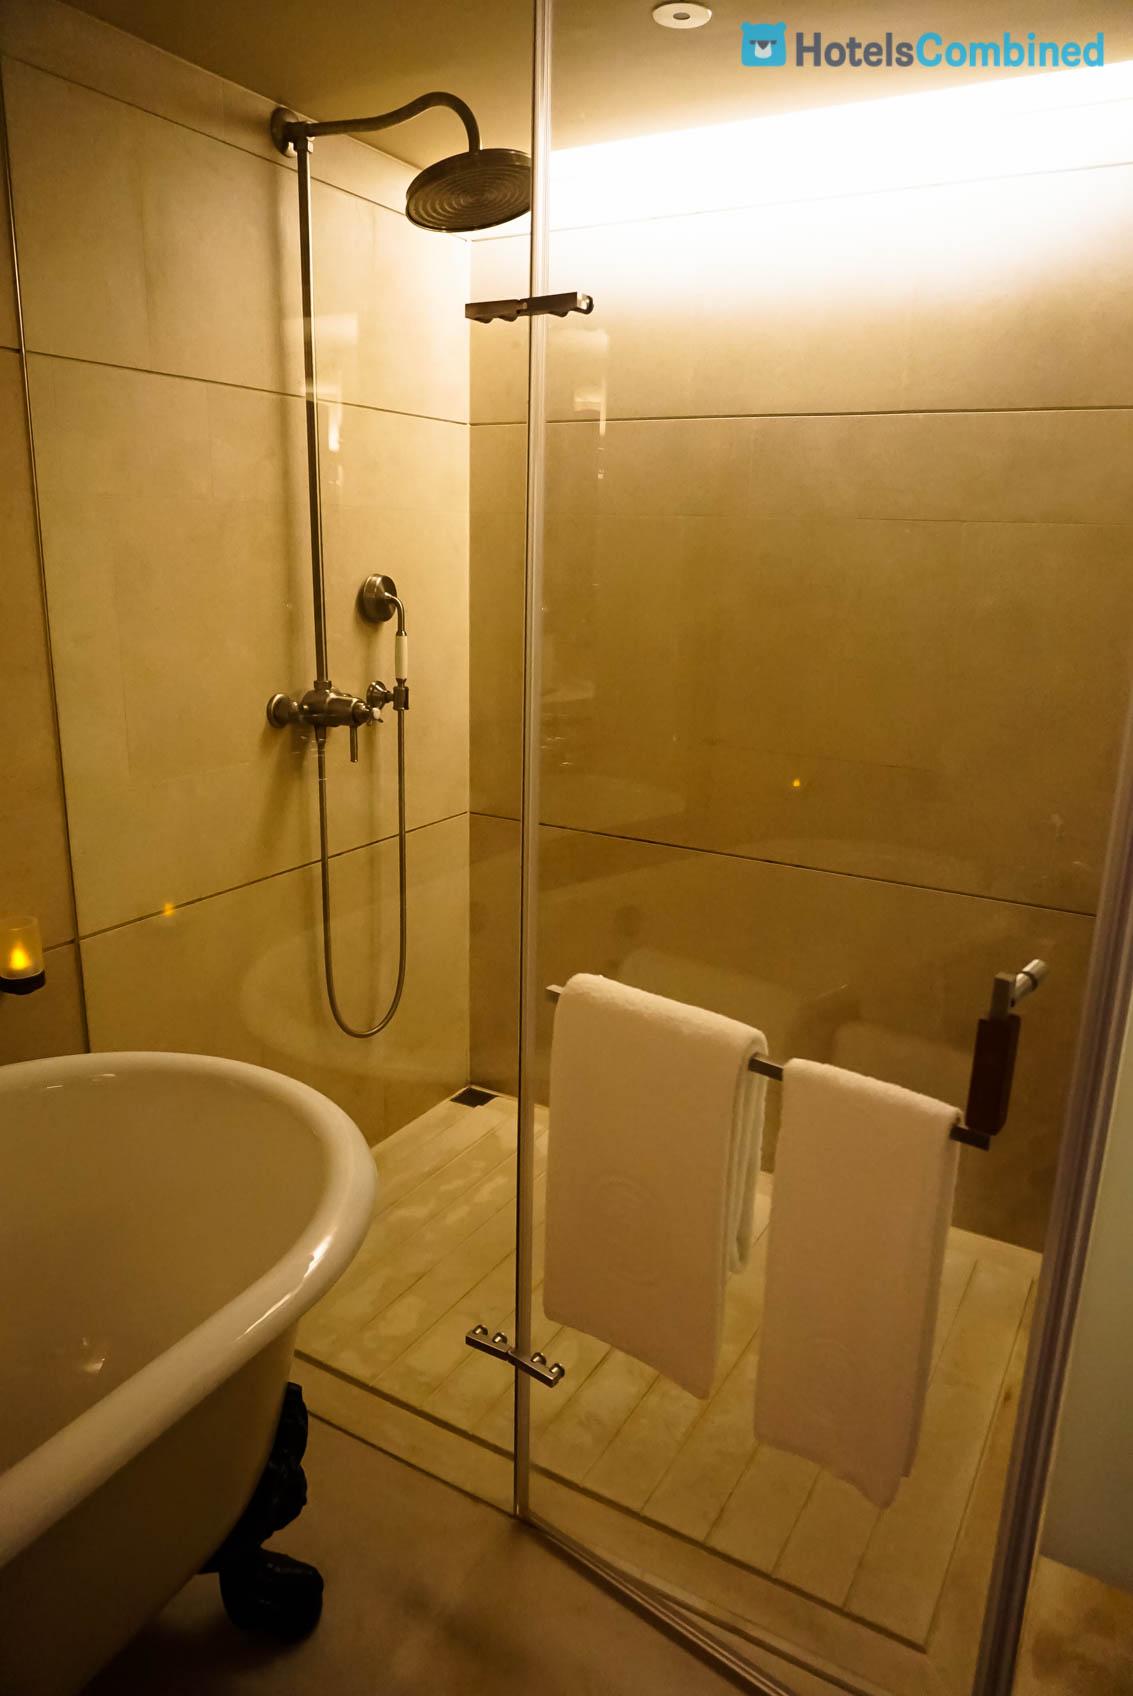 ห้องอาบน้ำขนาดกำลังพอดี